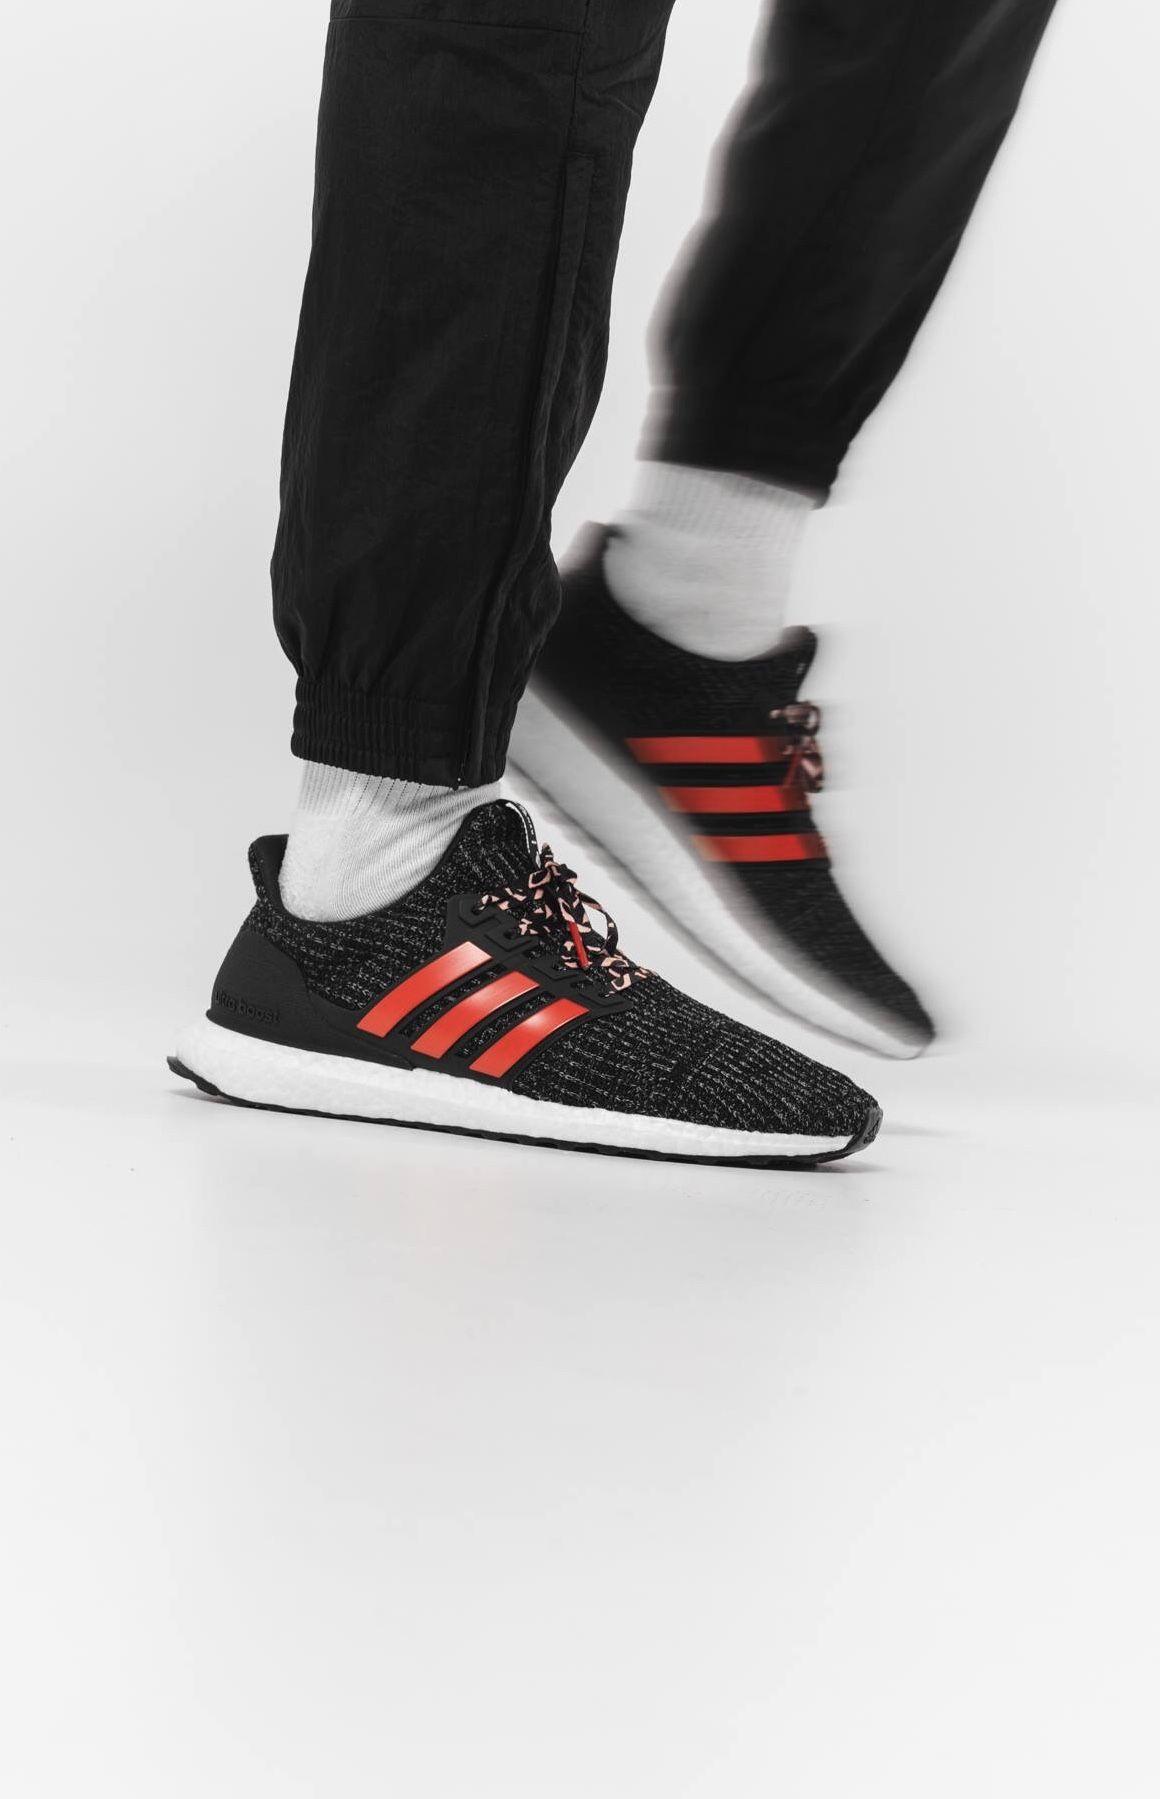 1f17b7b2a Adidas Ultra Boost 4.0 Nike Tanjun